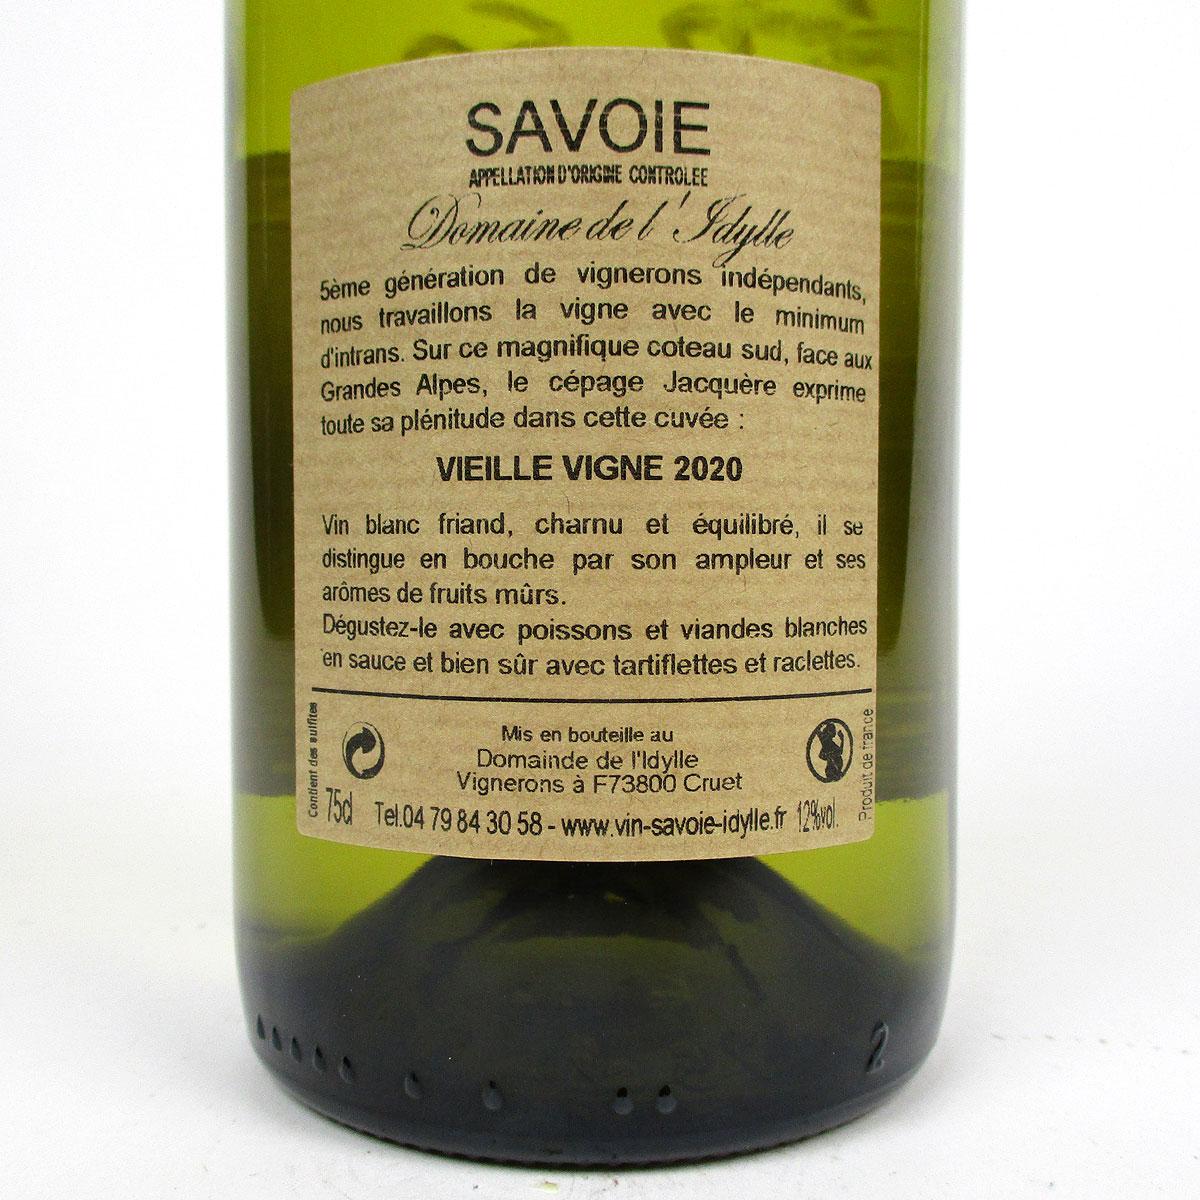 Savoie: Domaine de l'Idylle 'Vieille Vigne' Blanc 2020 - Bottle Rear Label